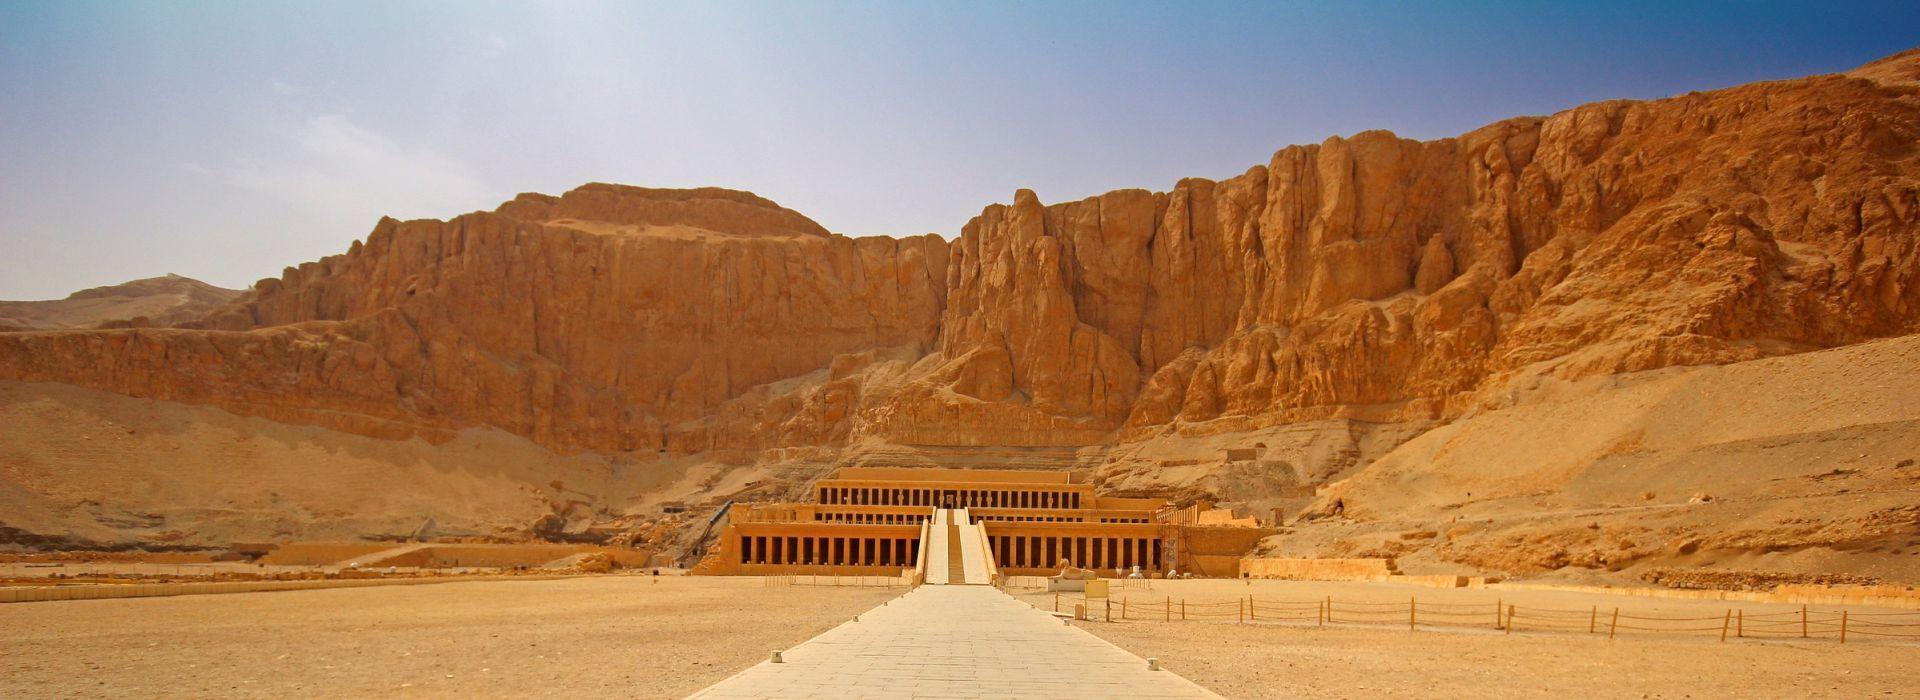 Trekking Tours in Egypt